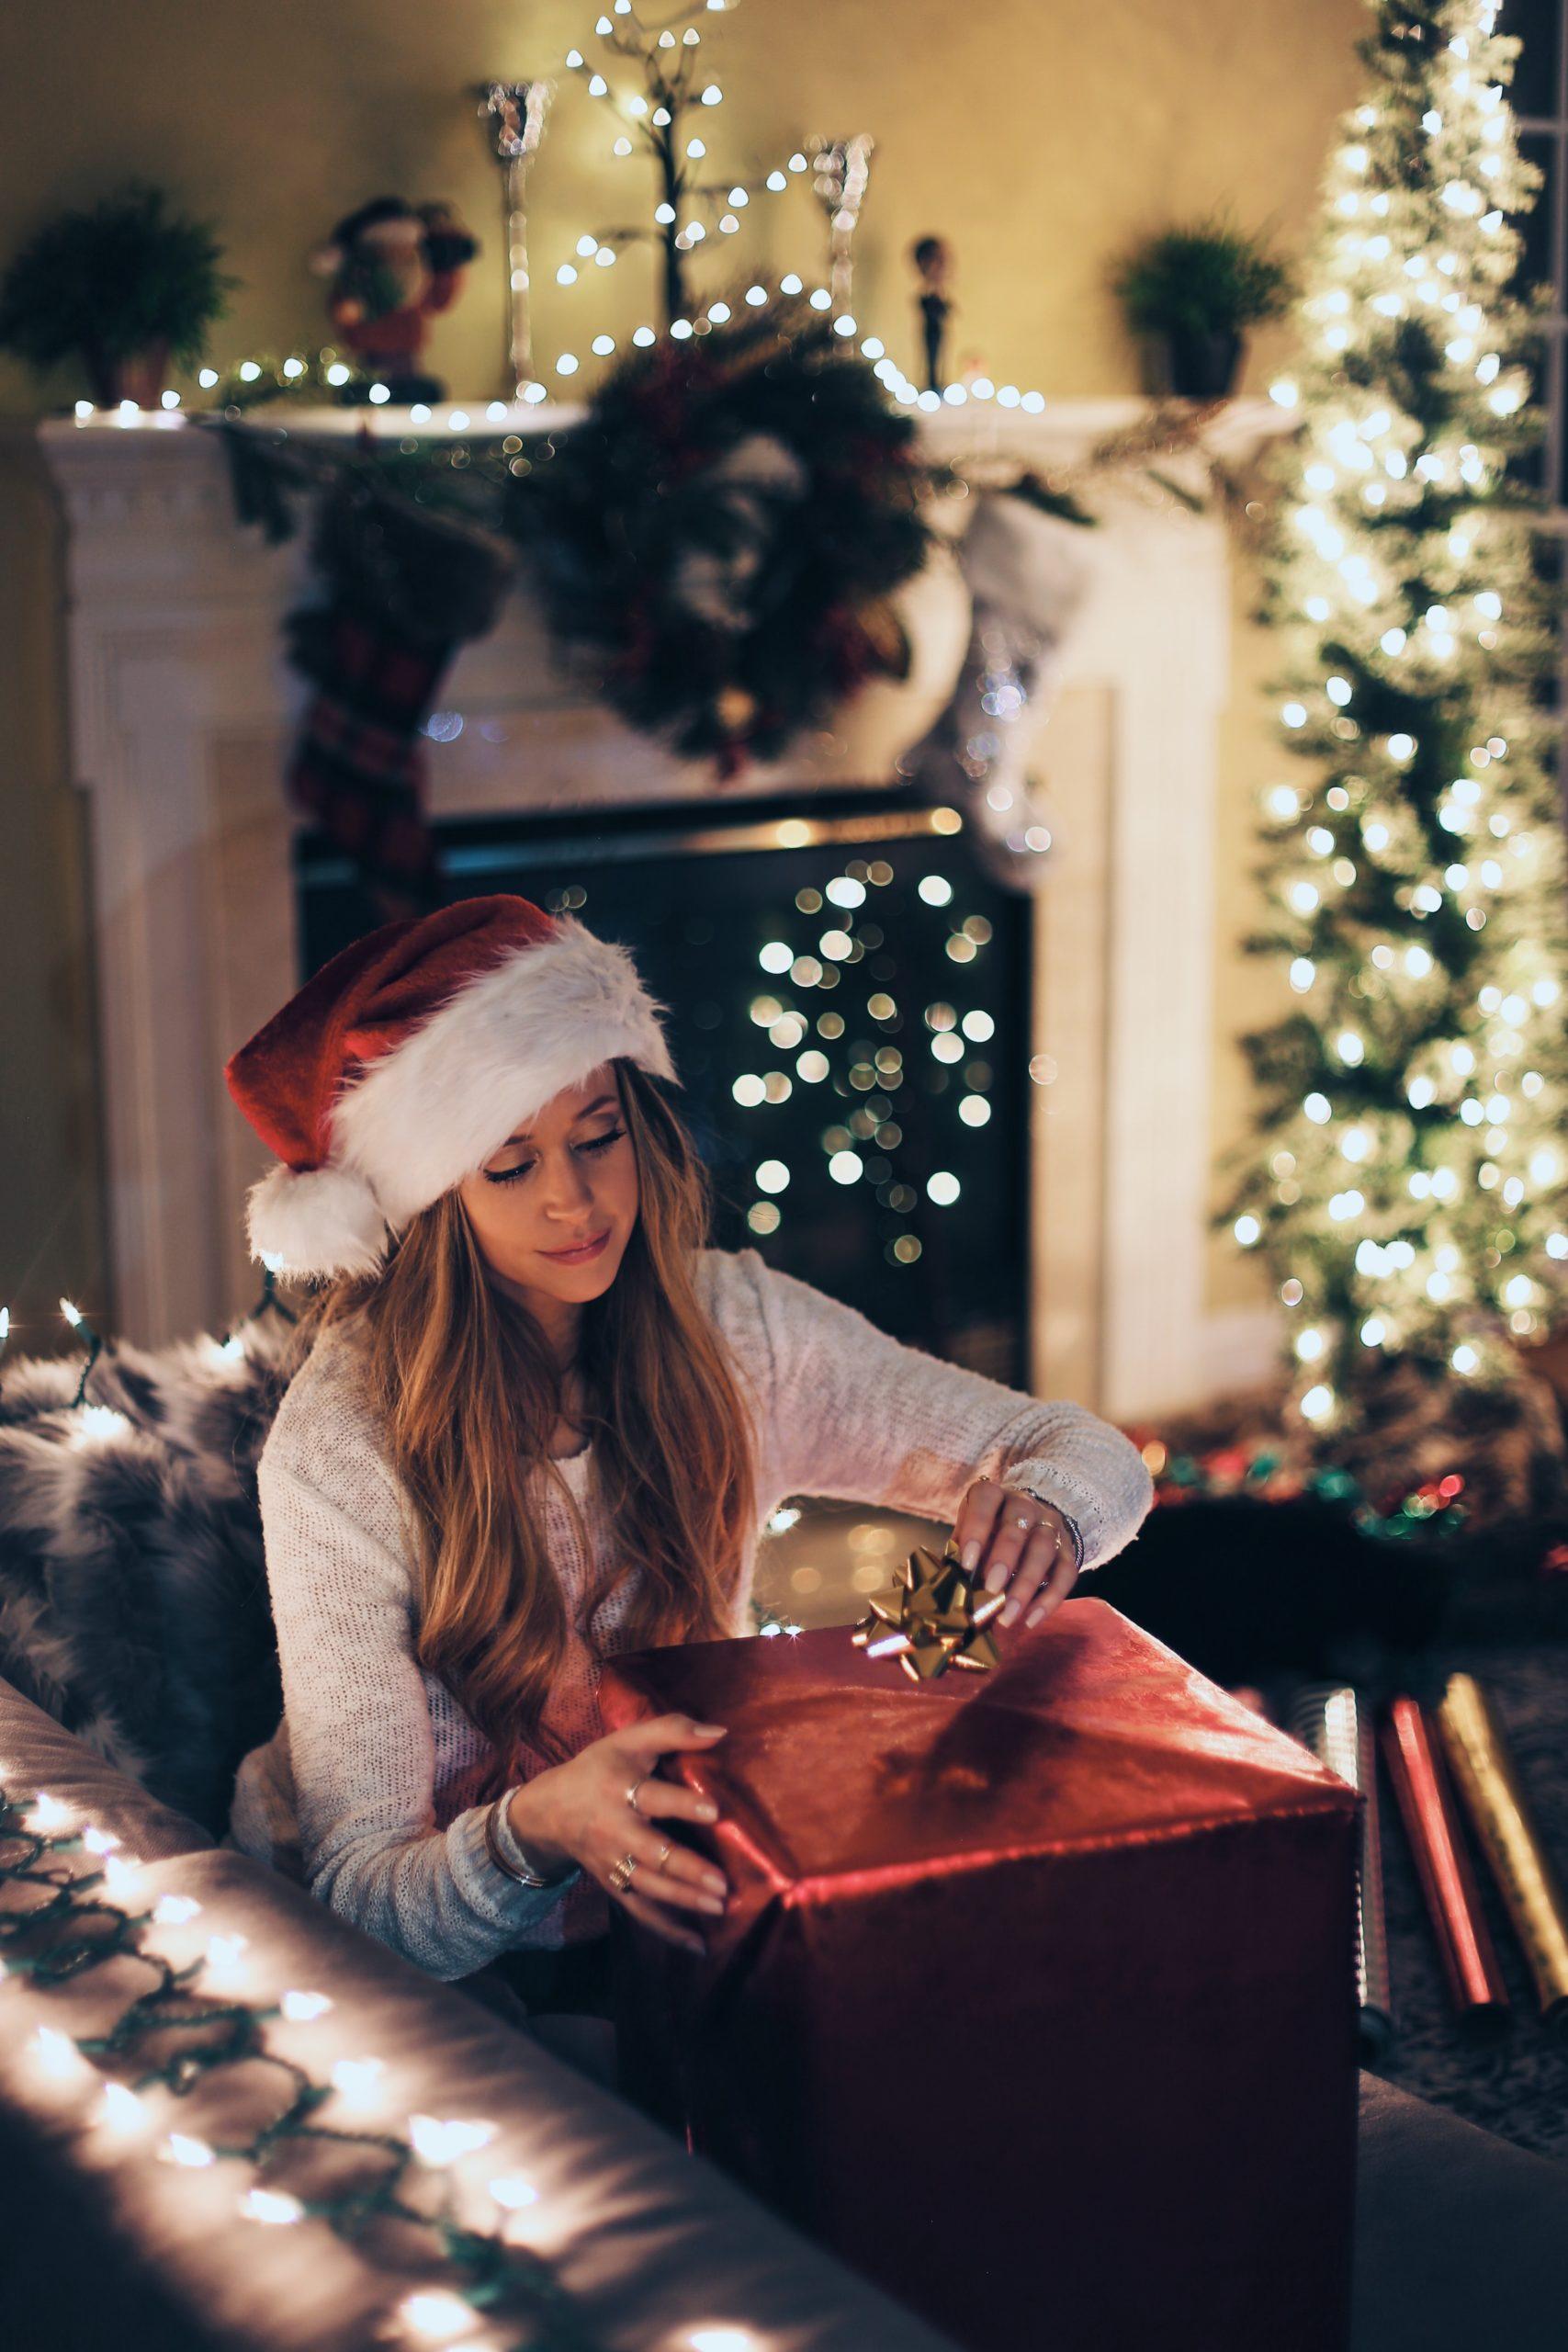 Comment faire ses cadeaux de Noël sans se ruiner ?